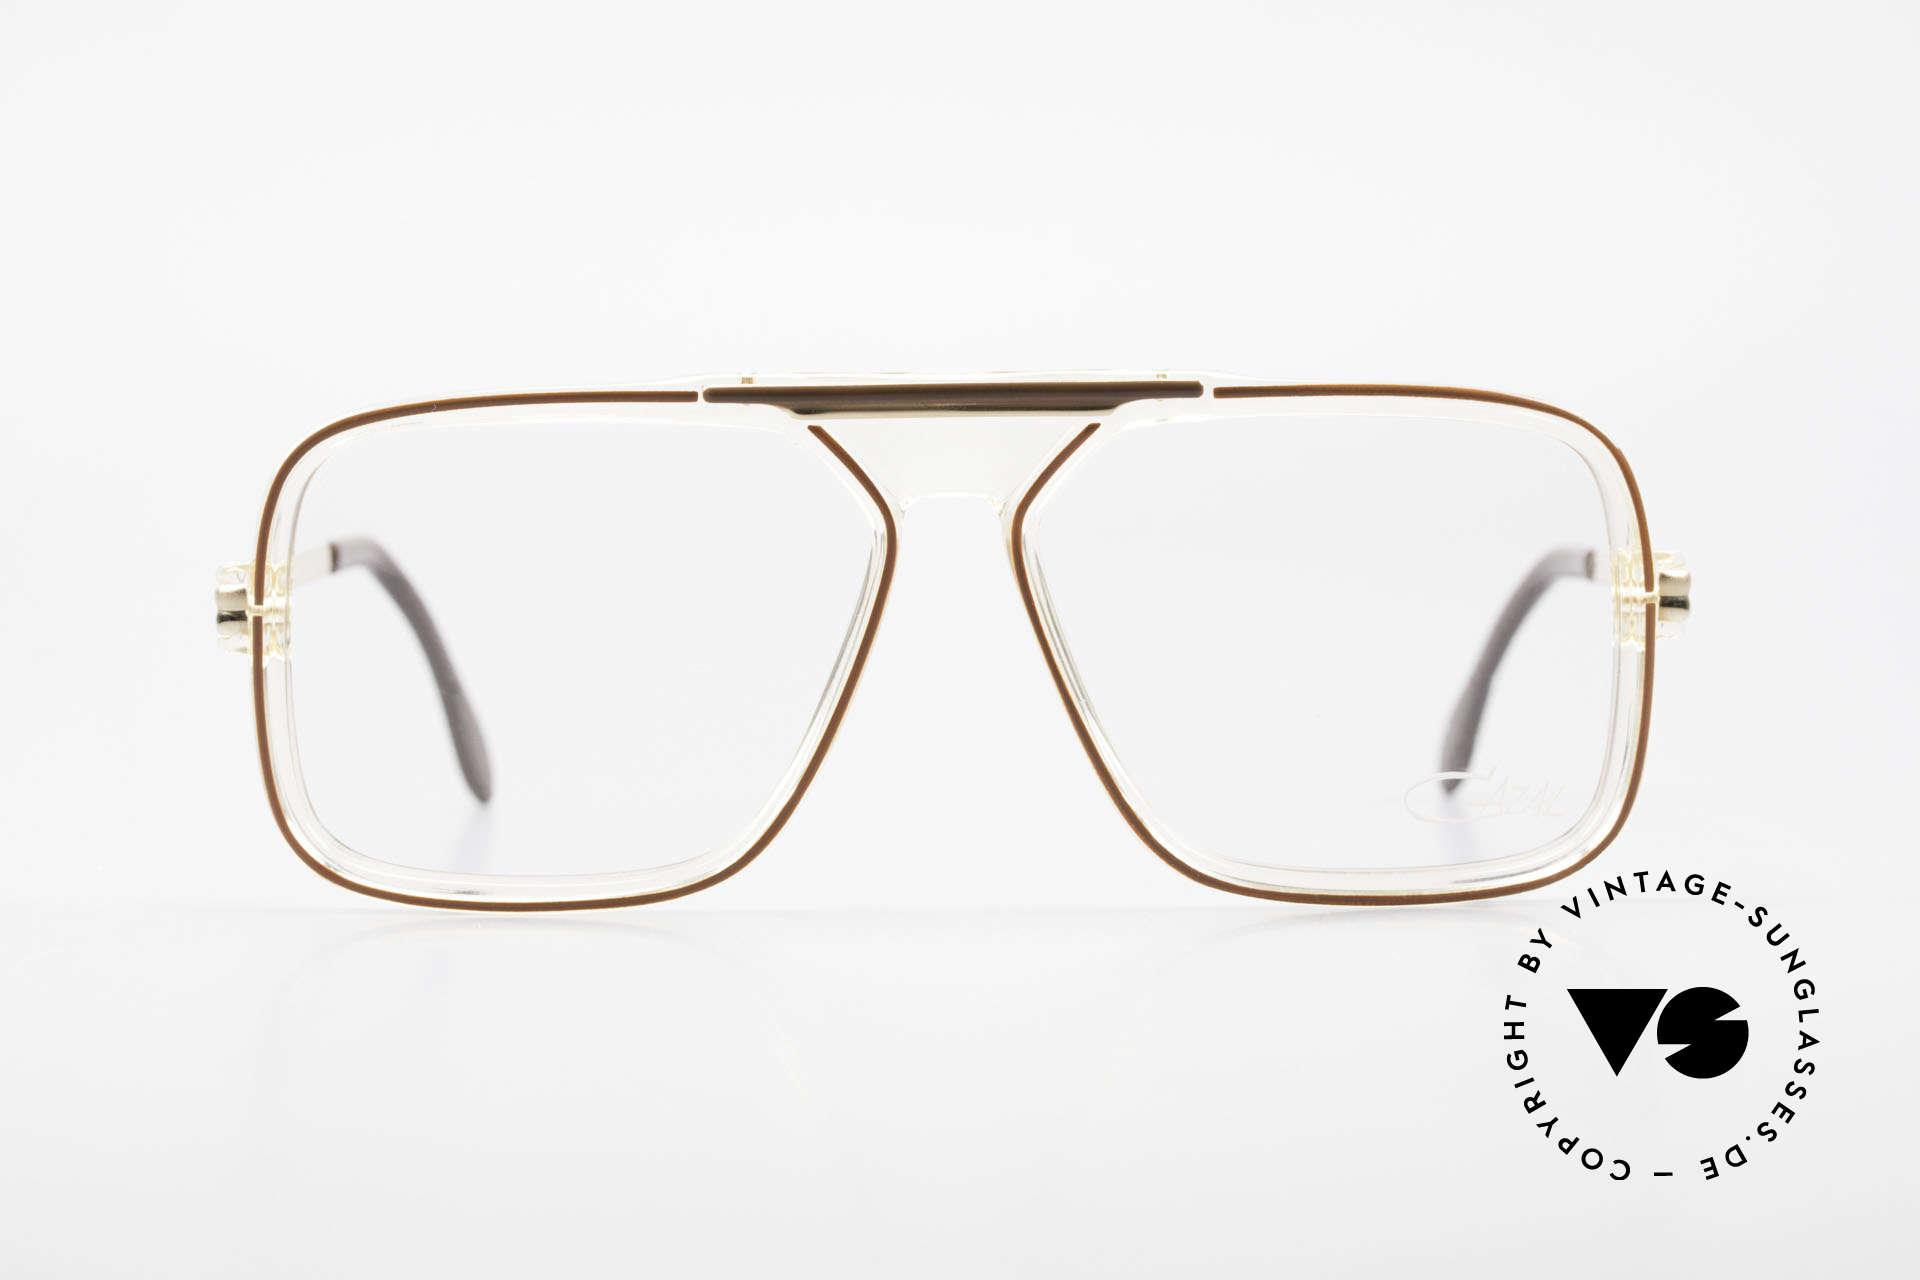 Cazal 630 Old 80's Hip Hop Cazal Glasses, designer eyeglasses of the 80's (W.Germany), Made for Men